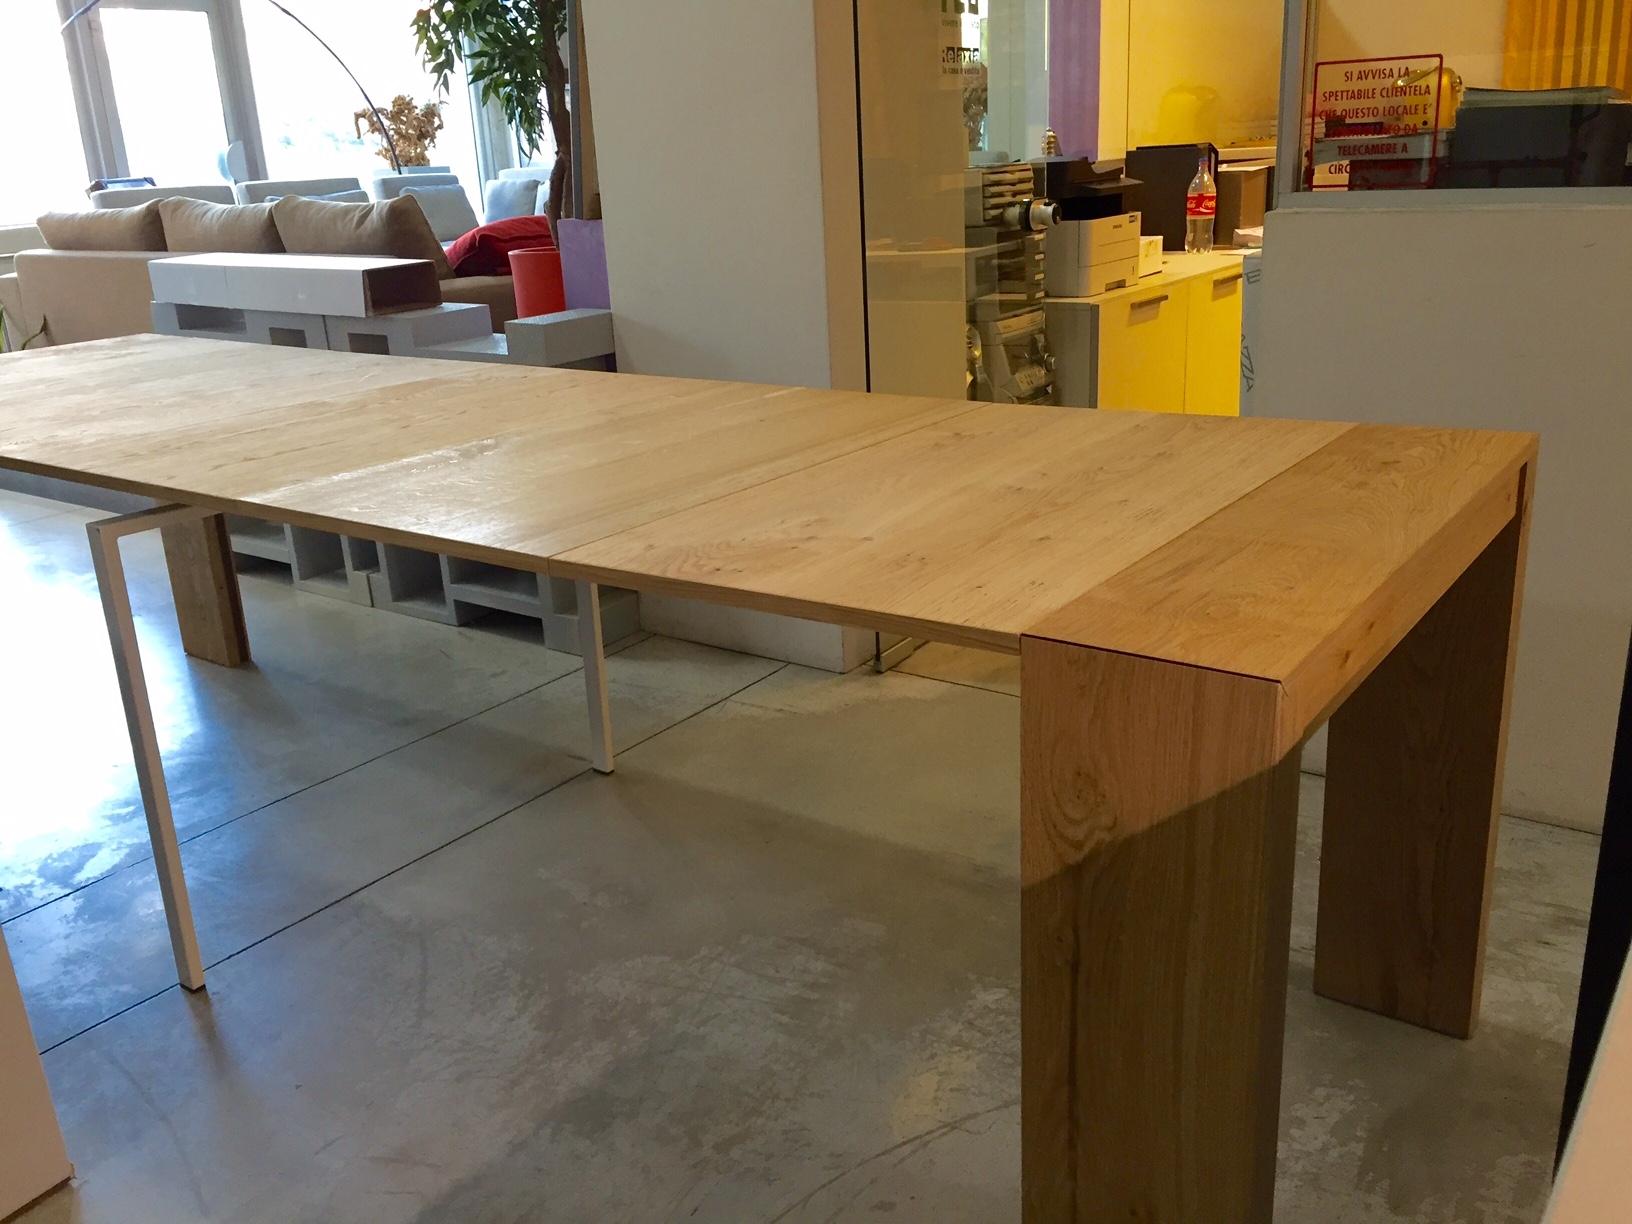 Consolle tavolo allungabile rovere naturale for Tavolo d appoggio